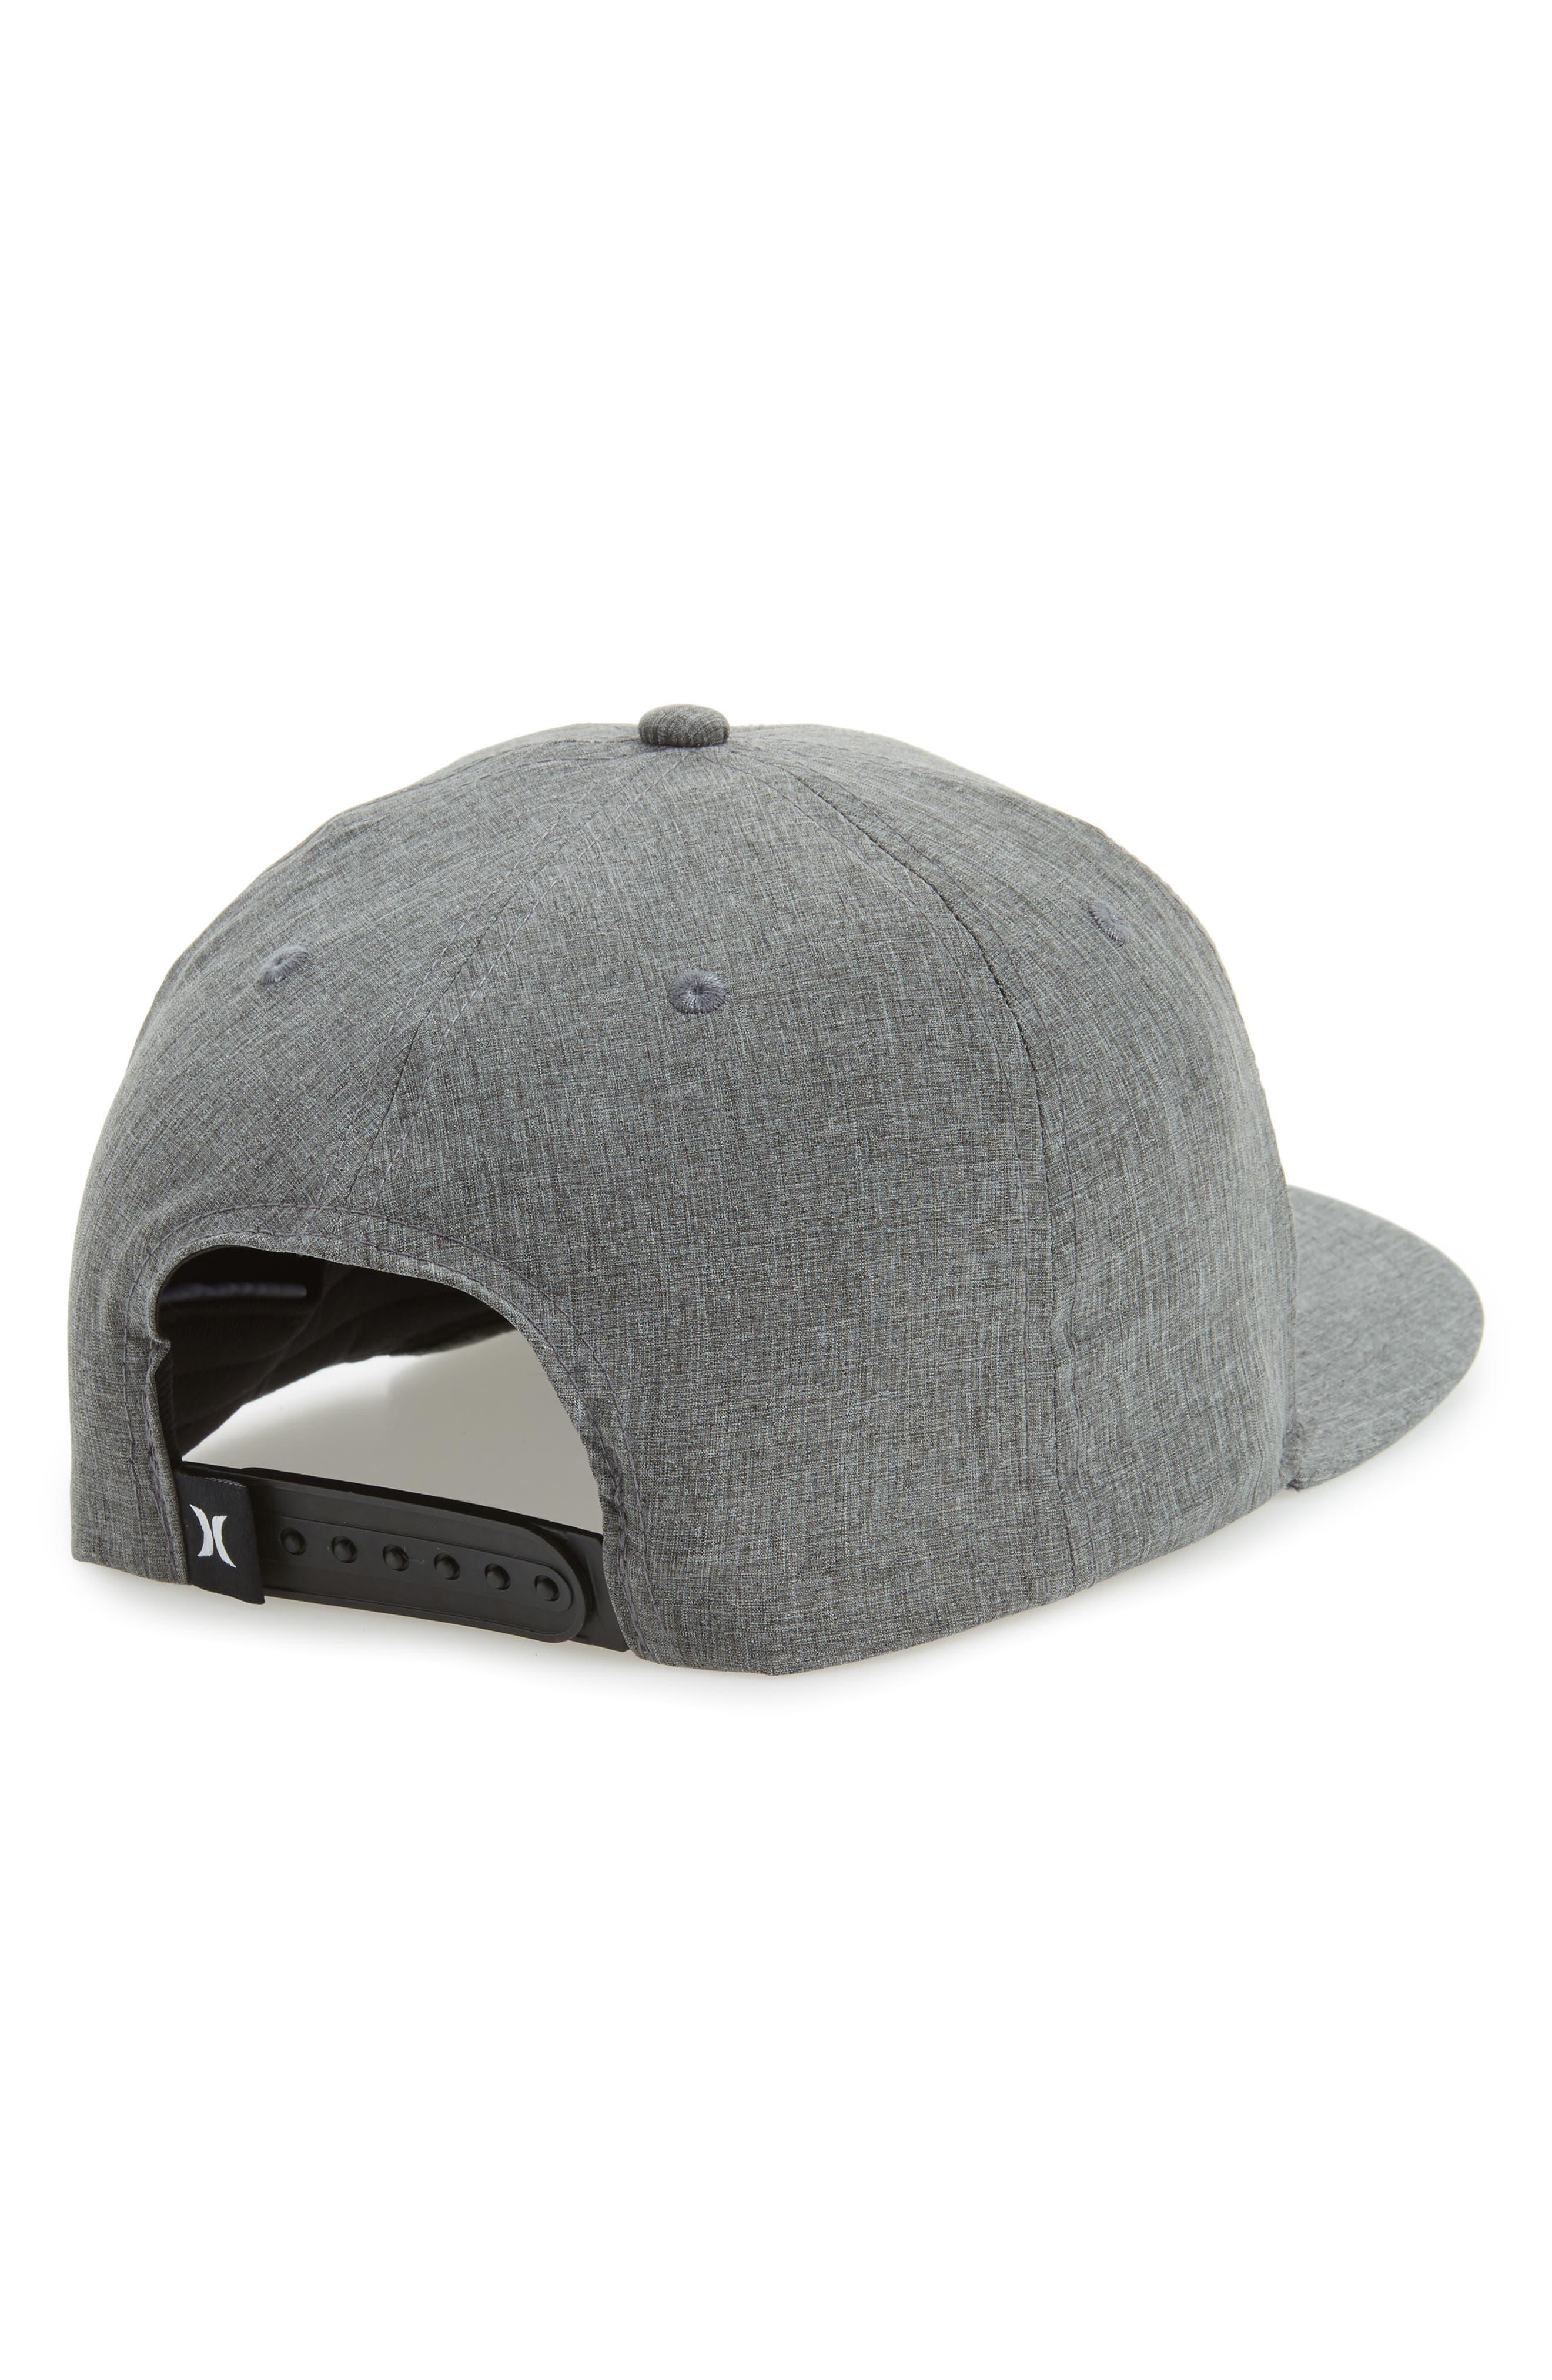 Alternate Image 2  - Hurley Phantom One & Only Snapback Baseball Cap